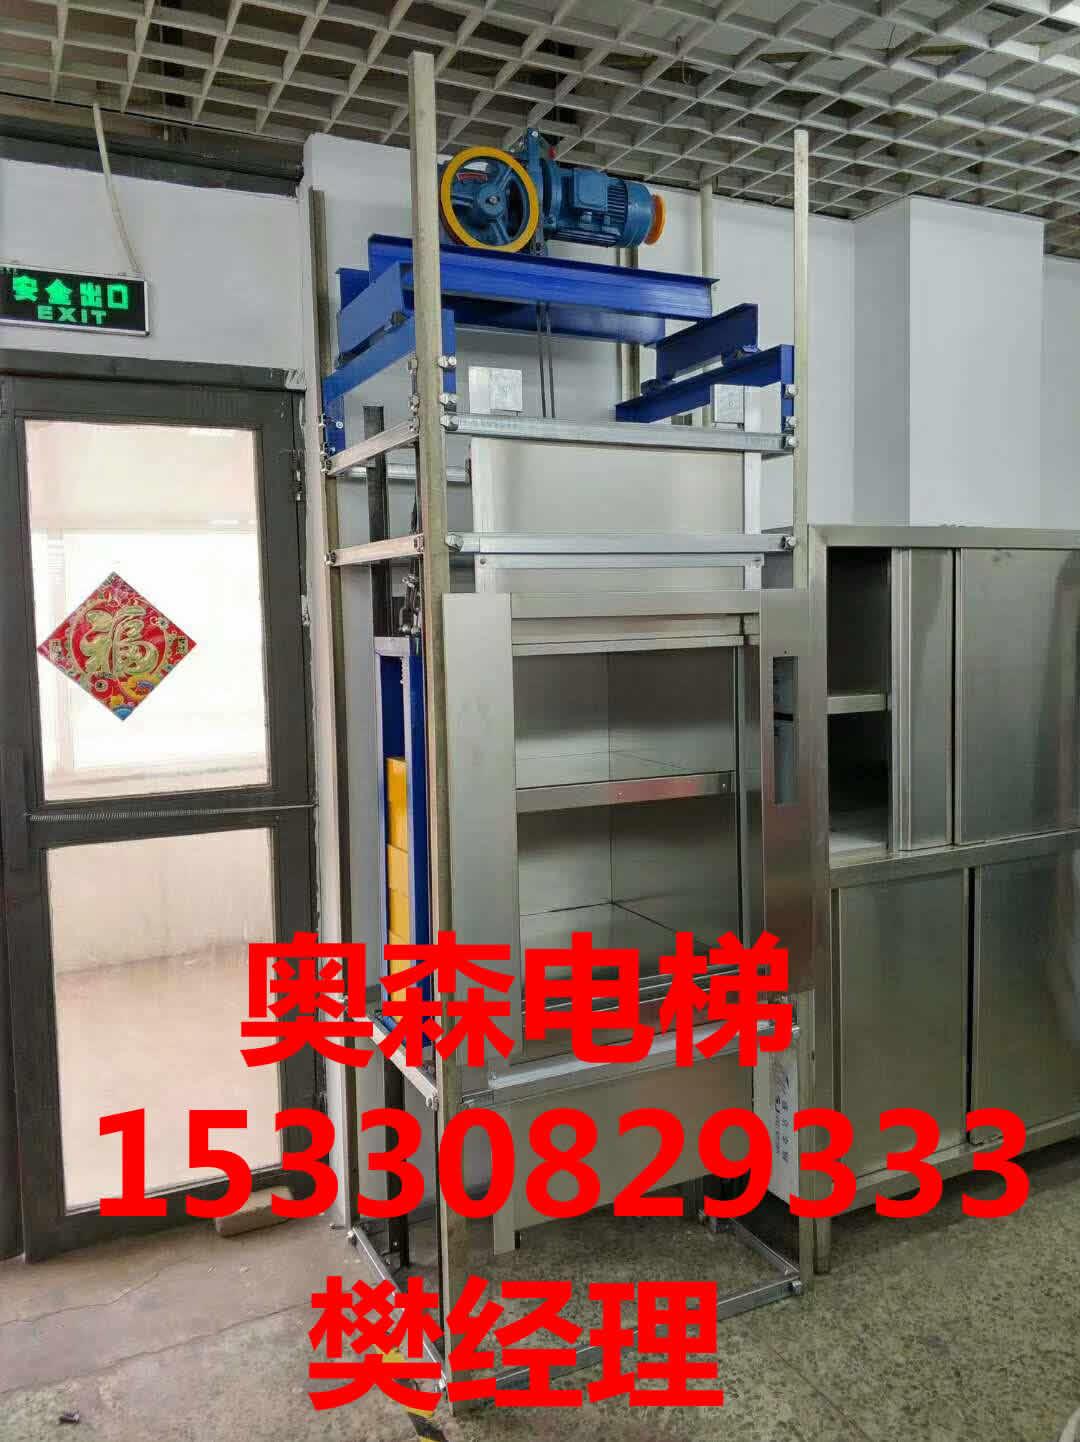 大連傳菜電梯批發商-質量好的大連傳菜電梯在哪買